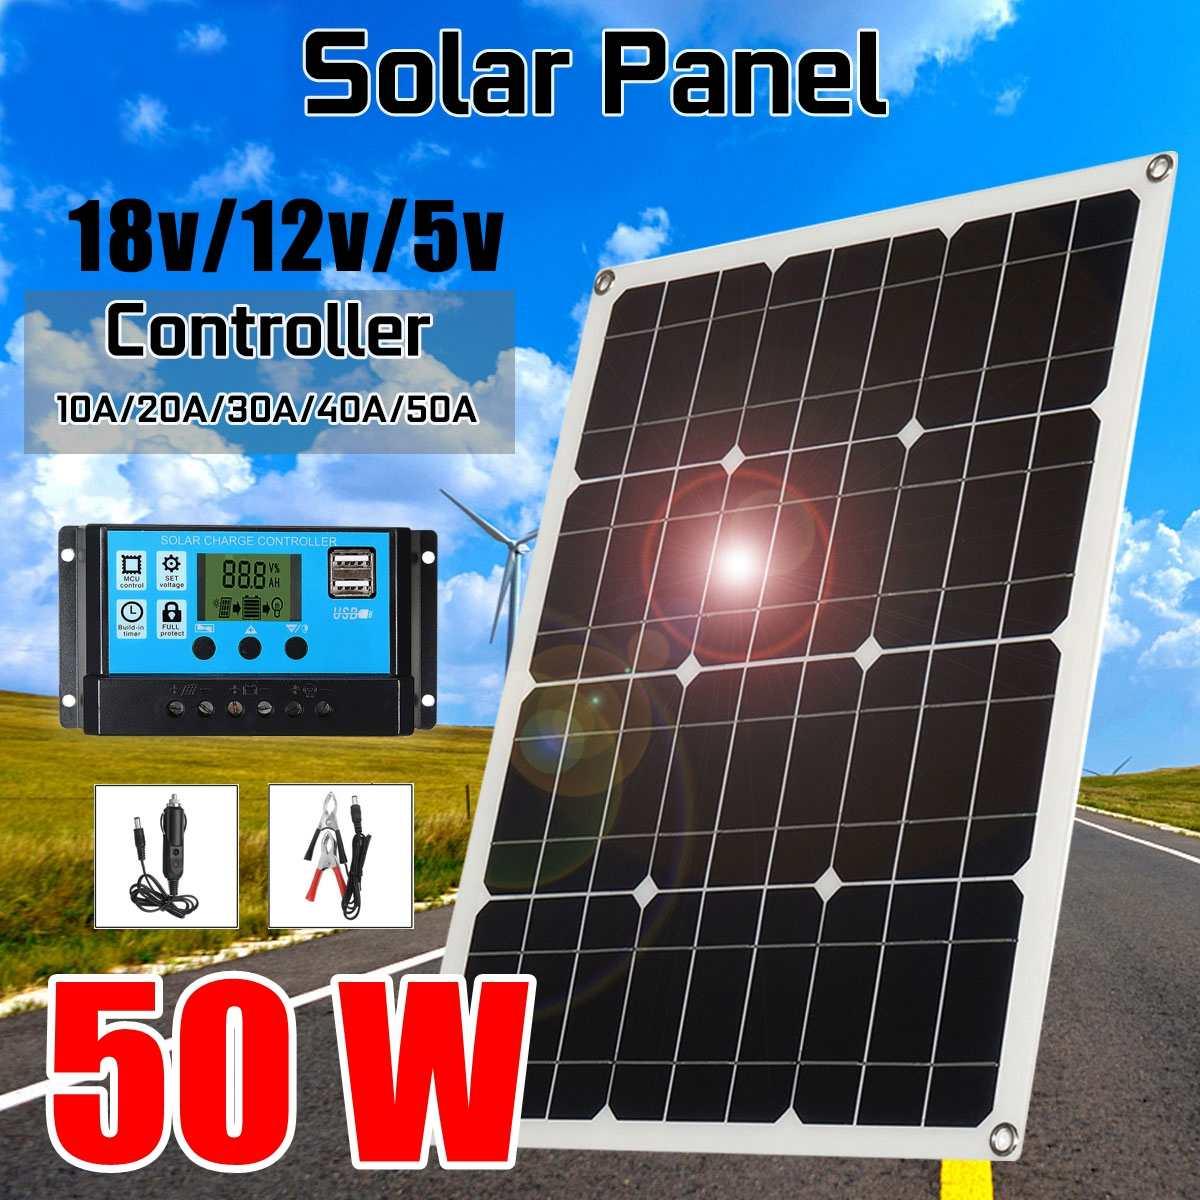 Cellules solaires chargeur 2USB sortie panneau solaire cellules solaires Poly panneau solaire 10/20/30/40/50A contrôleur pour voiture Yacht batterie 12 V